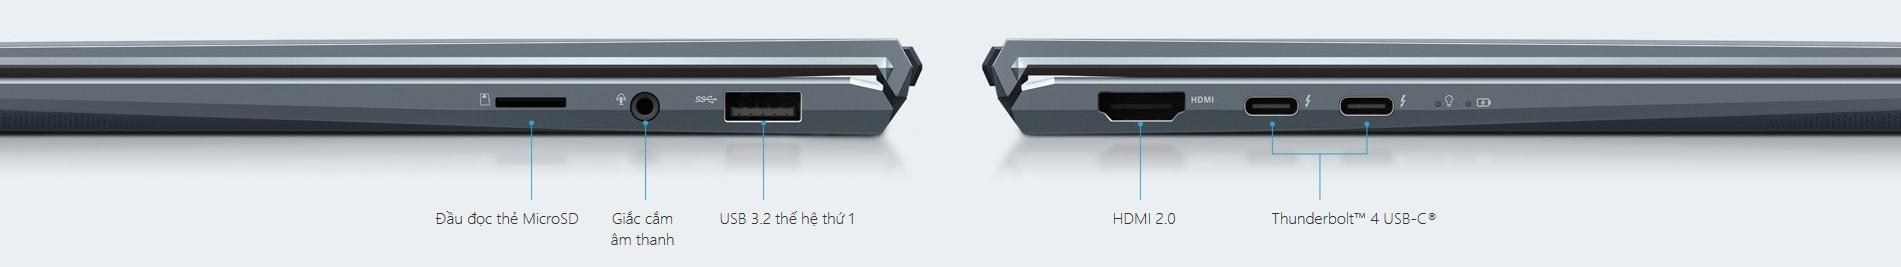 Laptop Asus ZenBook 14 UX435EG-AI099T mang tới cho bạn bộ cổng I/O đầy đủ